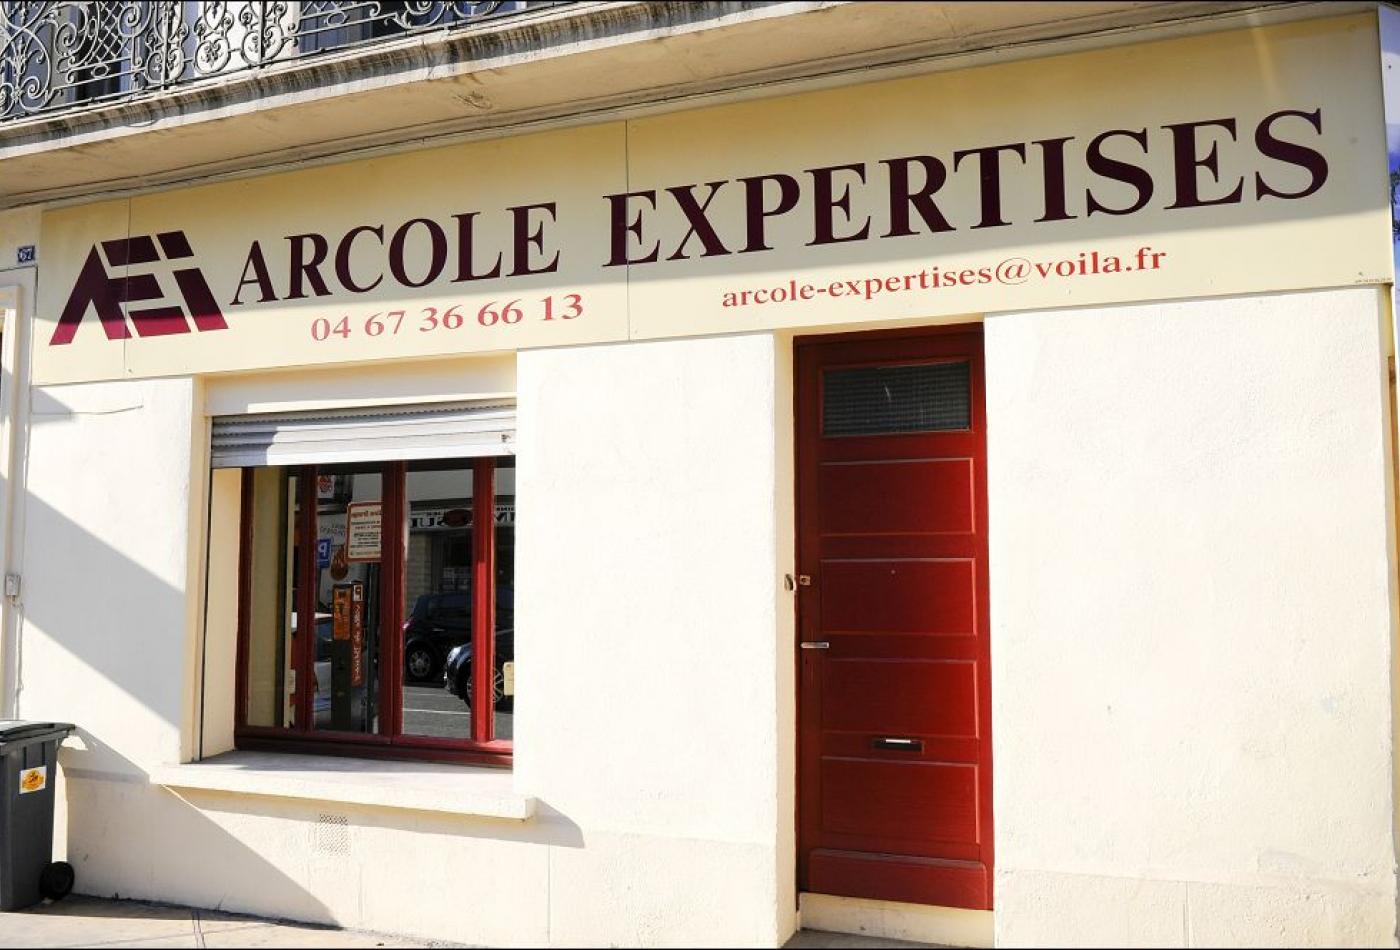 Arcole expertises Vends du sud